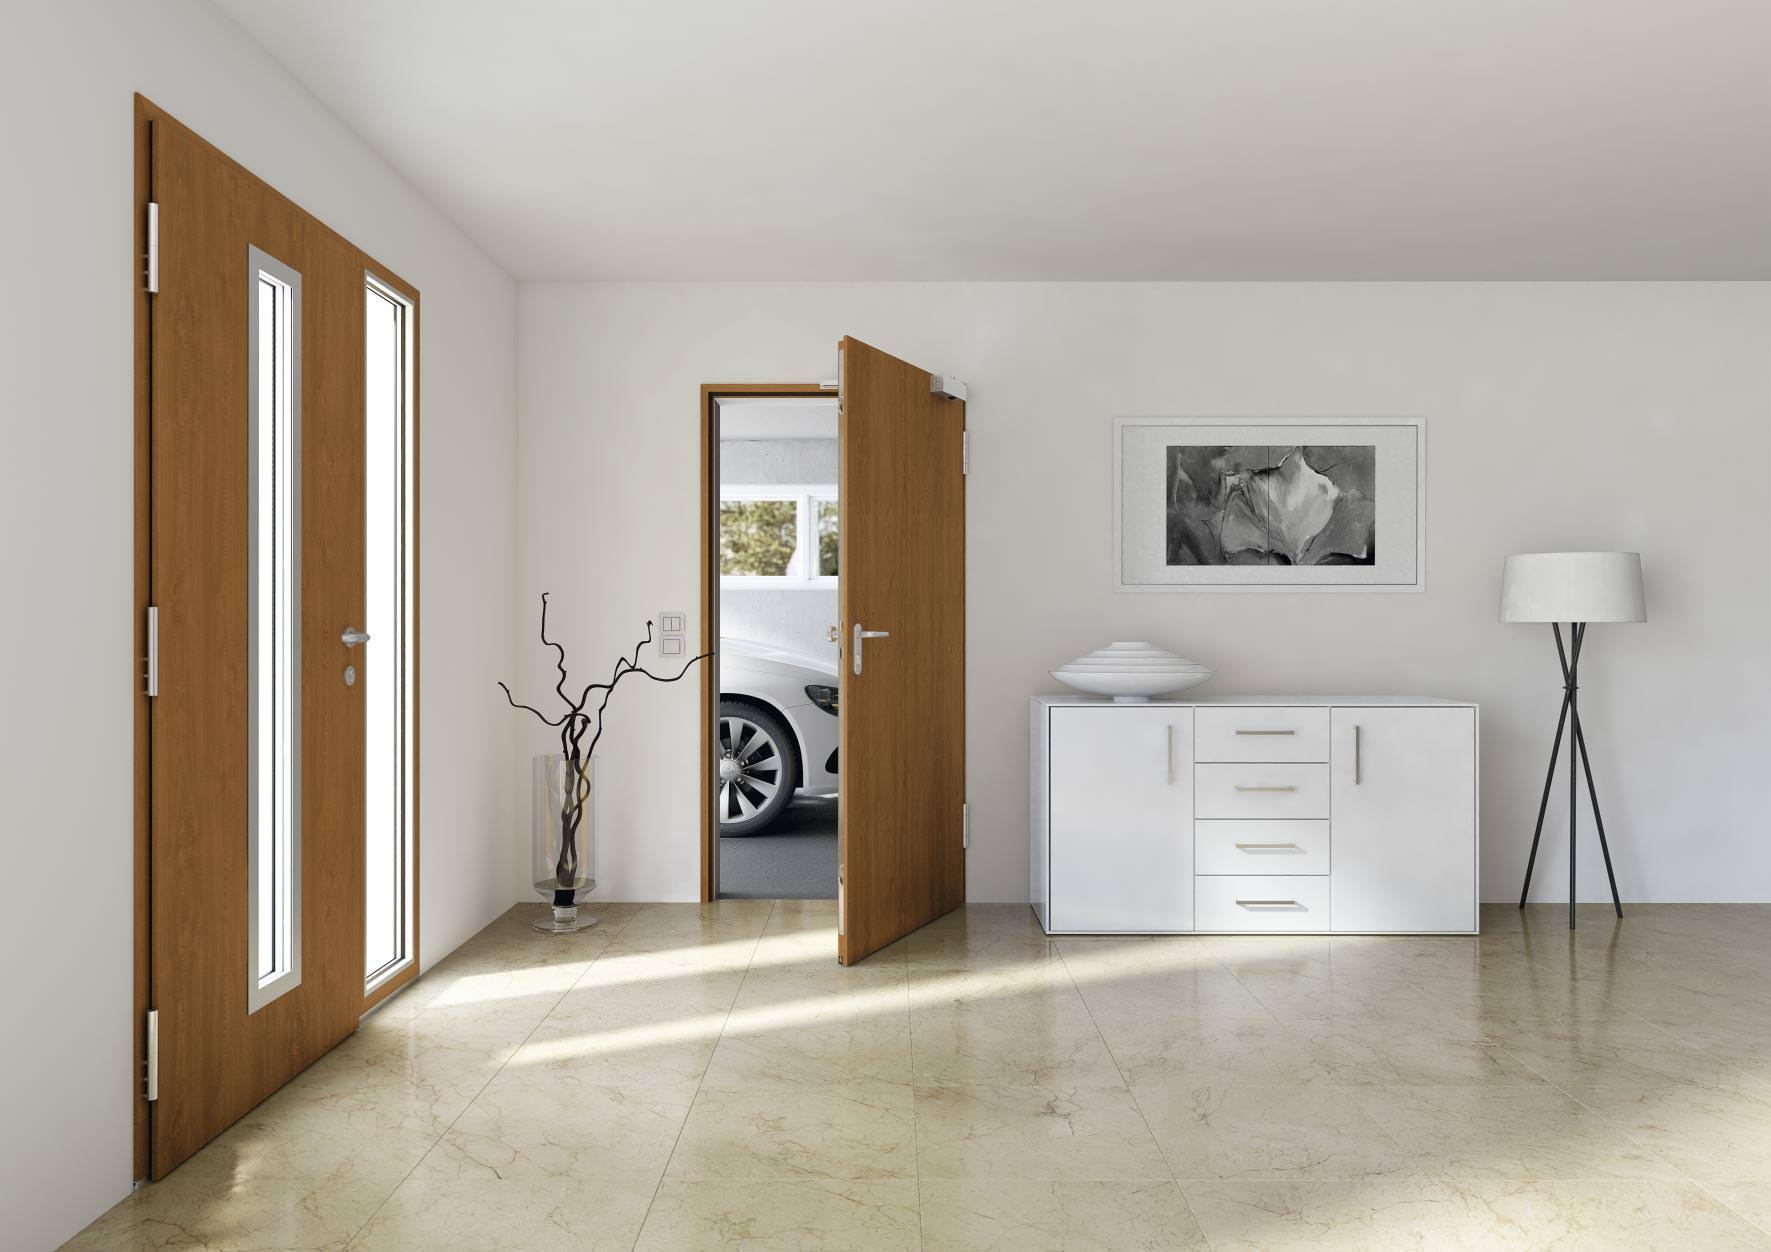 Alles andere als optional: Feuerhemmende Neben- und Kellertüren in Wohnhäusern mit Mehrfachnutzen